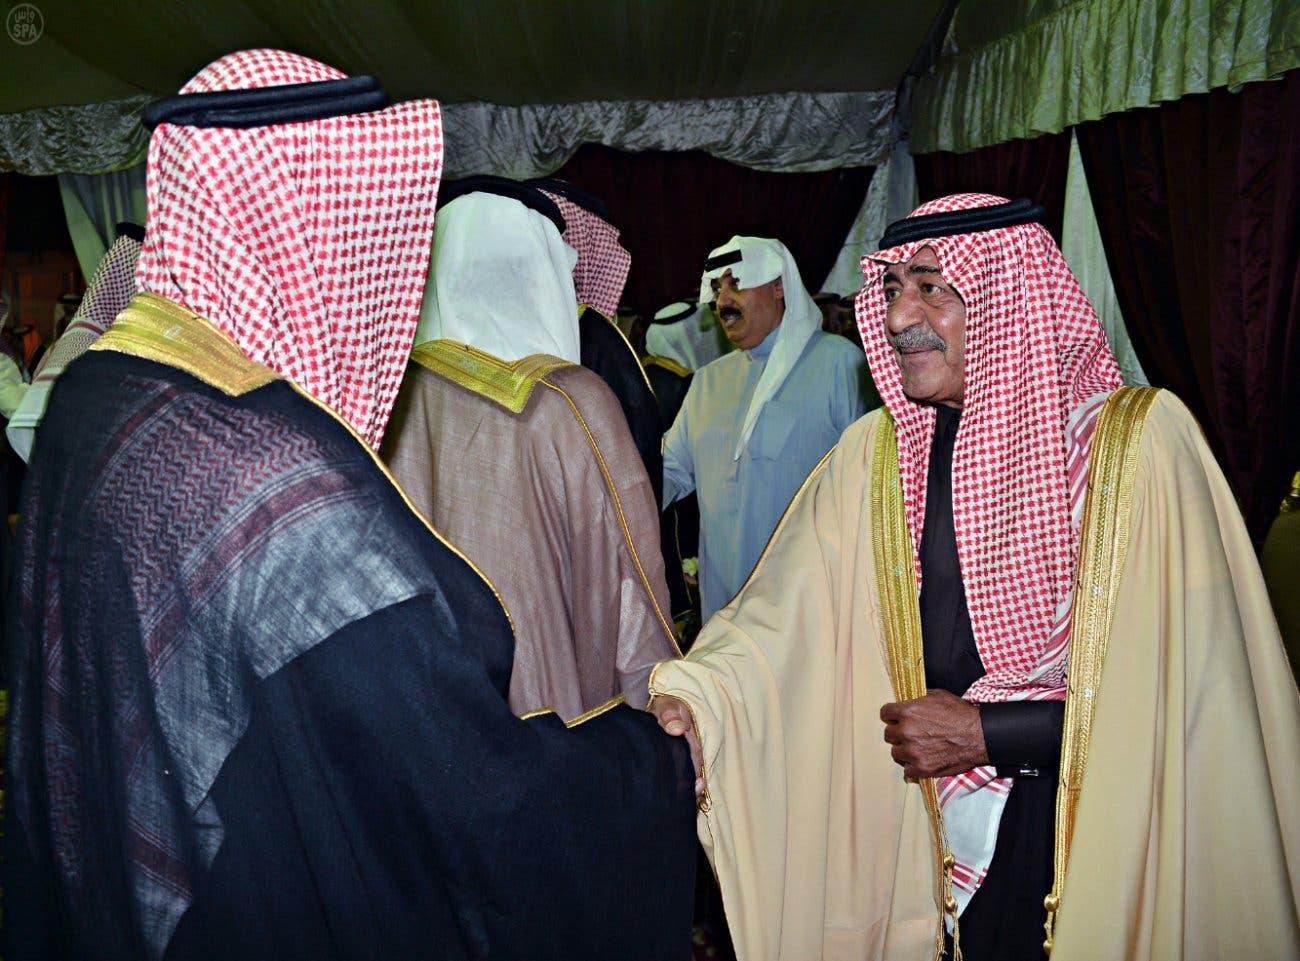 لا صحة للأخبار الي تتحدث عن وفاة خادم الحرمين الشريفين الملك عبدالله بن عبدالعزيز - الصفحة العربية